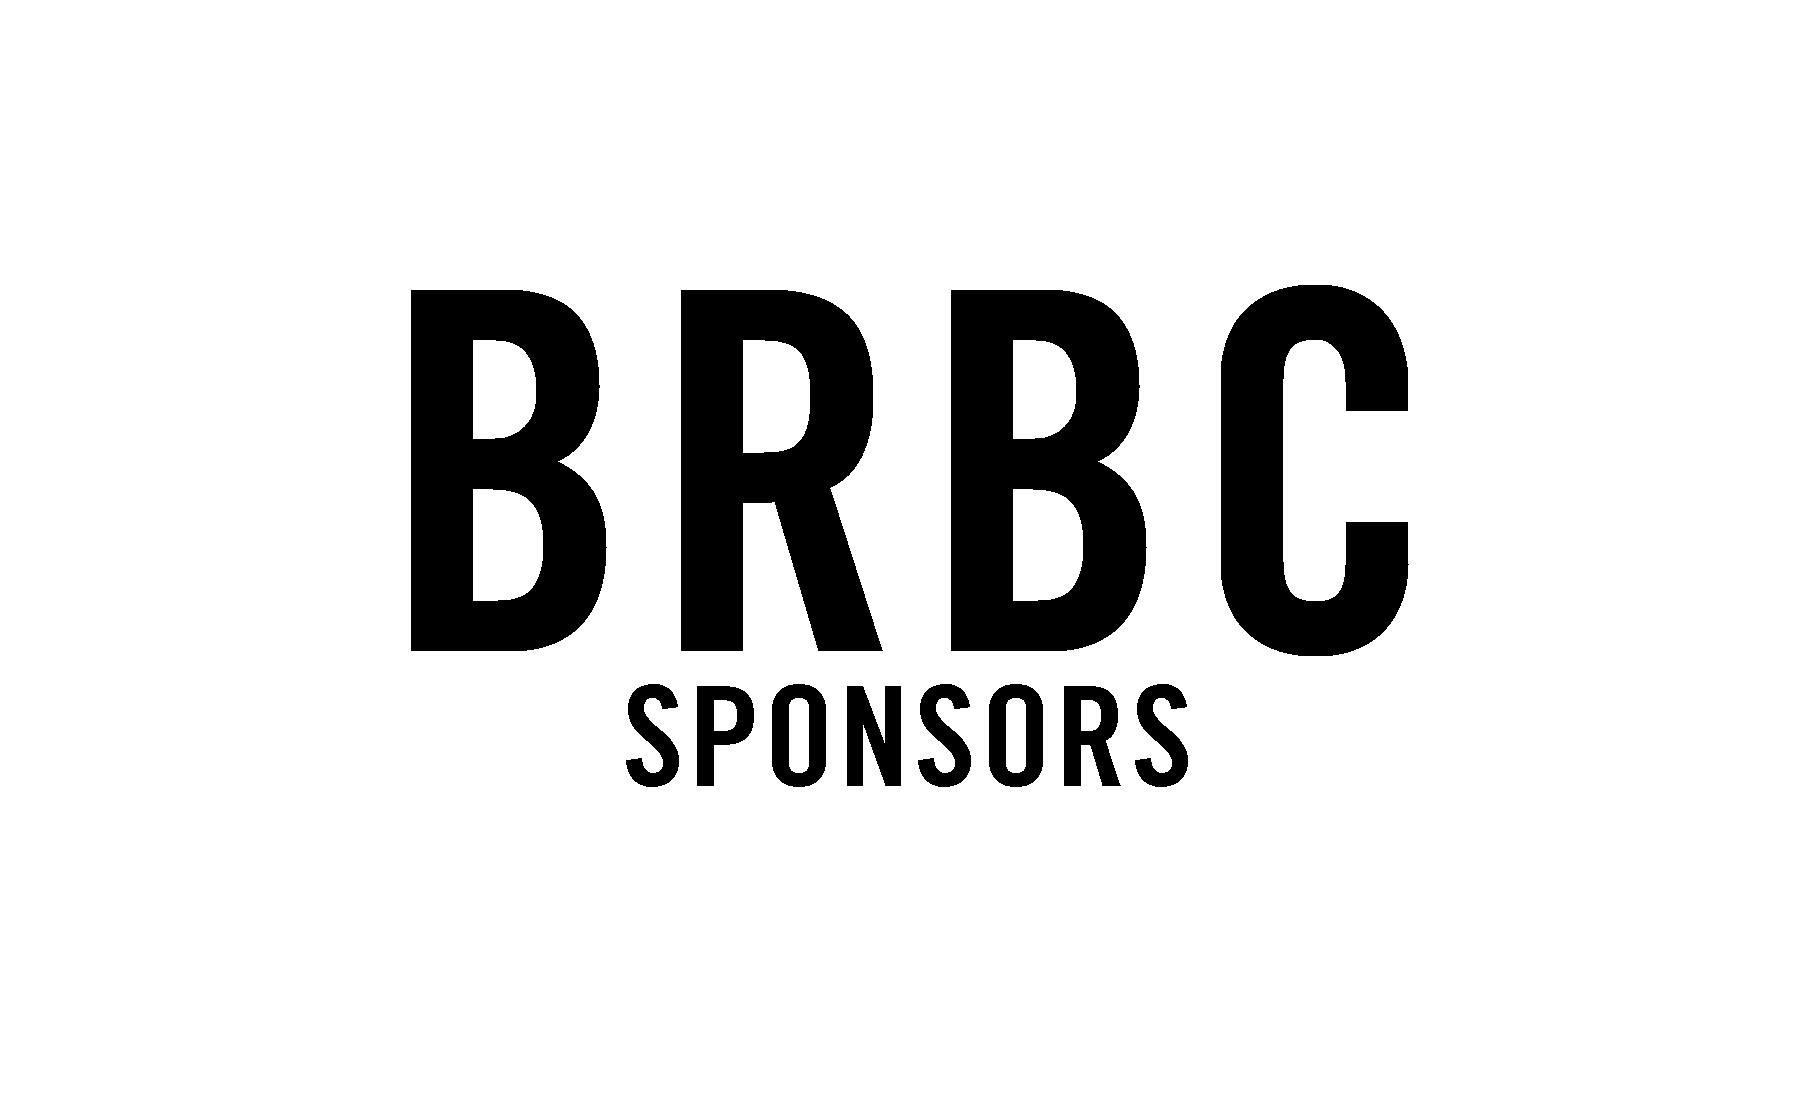 BRBC-LOGOsponsor.png